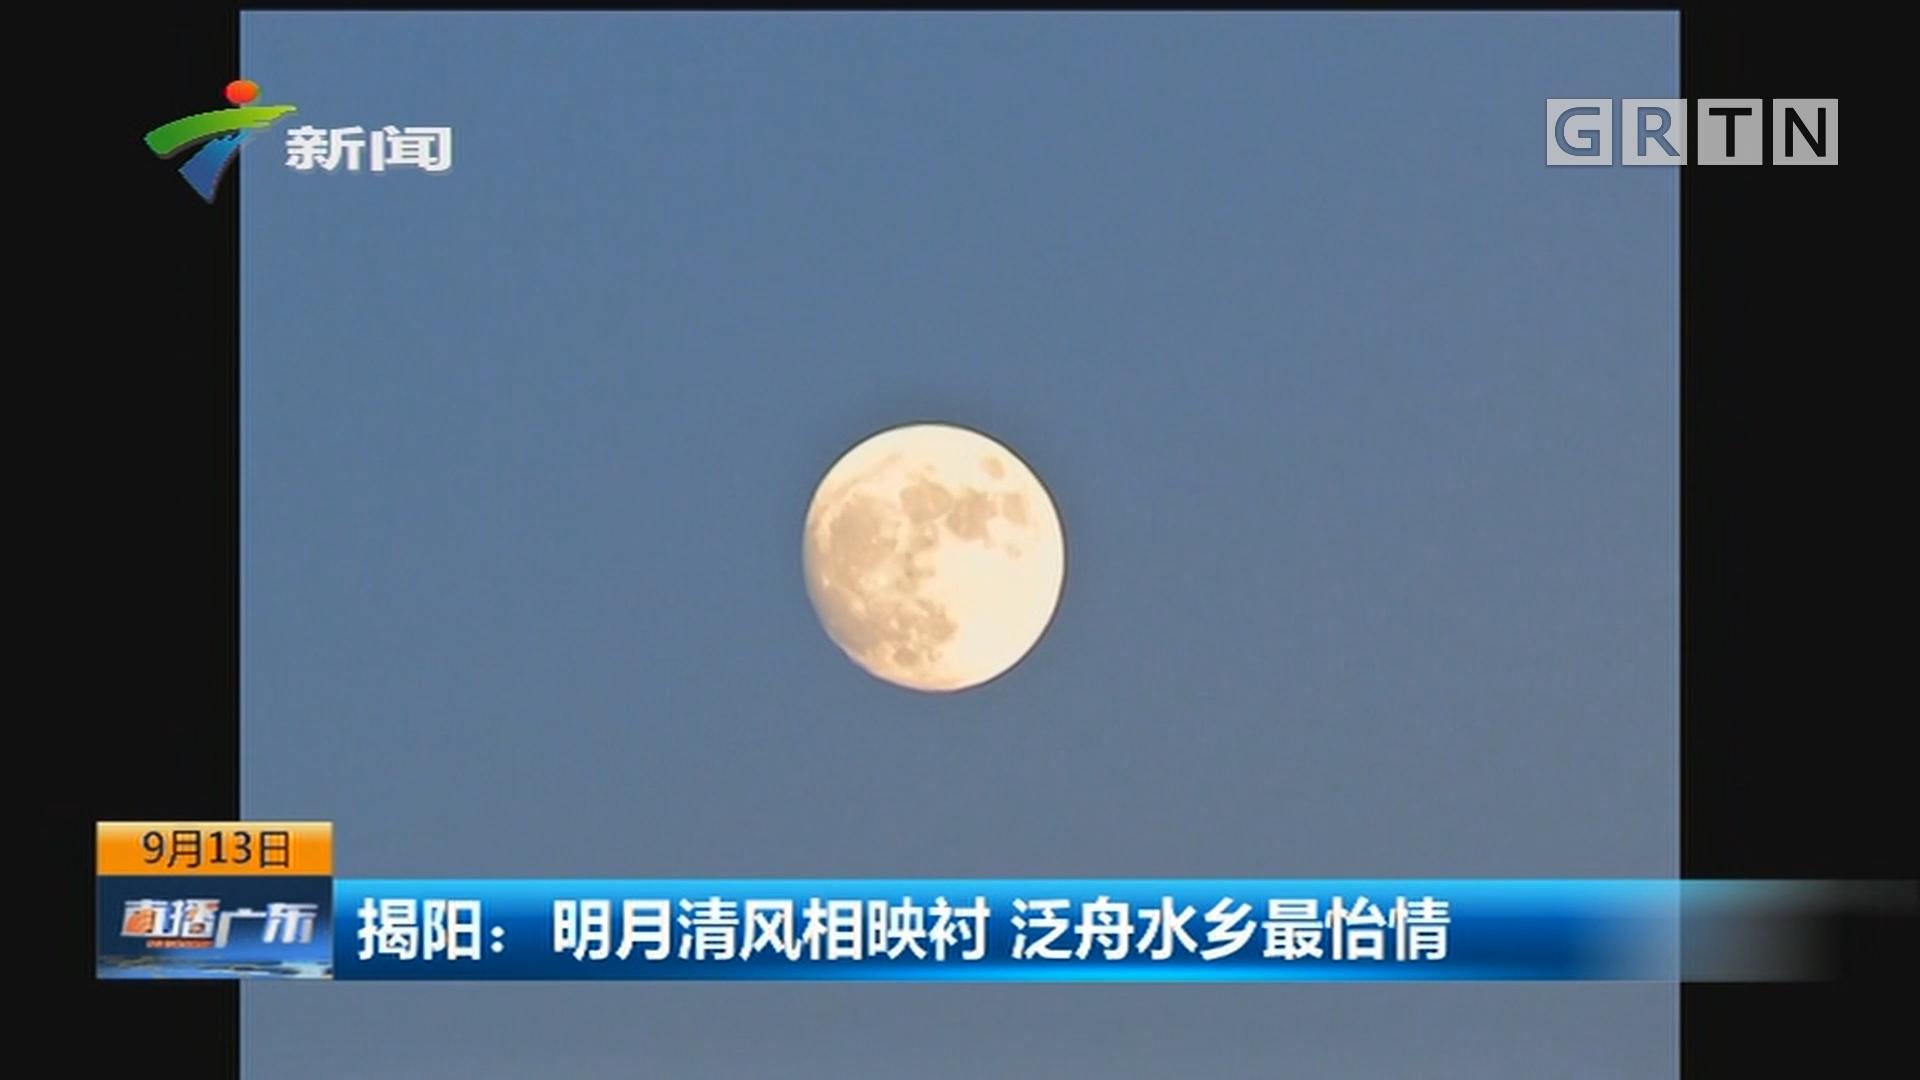 揭阳:明月清风相映衬 泛舟水乡最怡情